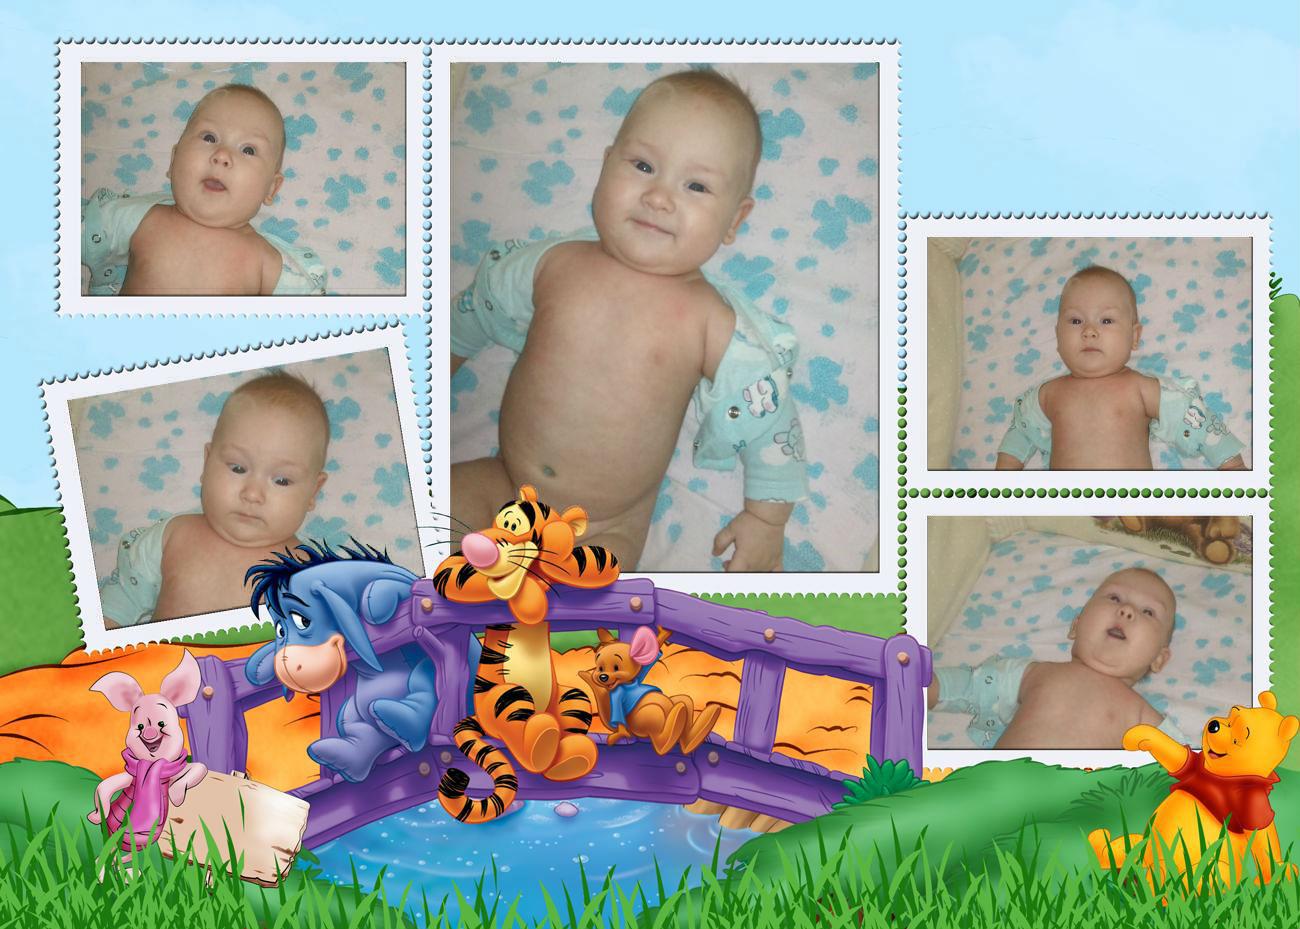 Фото малышок голышок 4 фотография